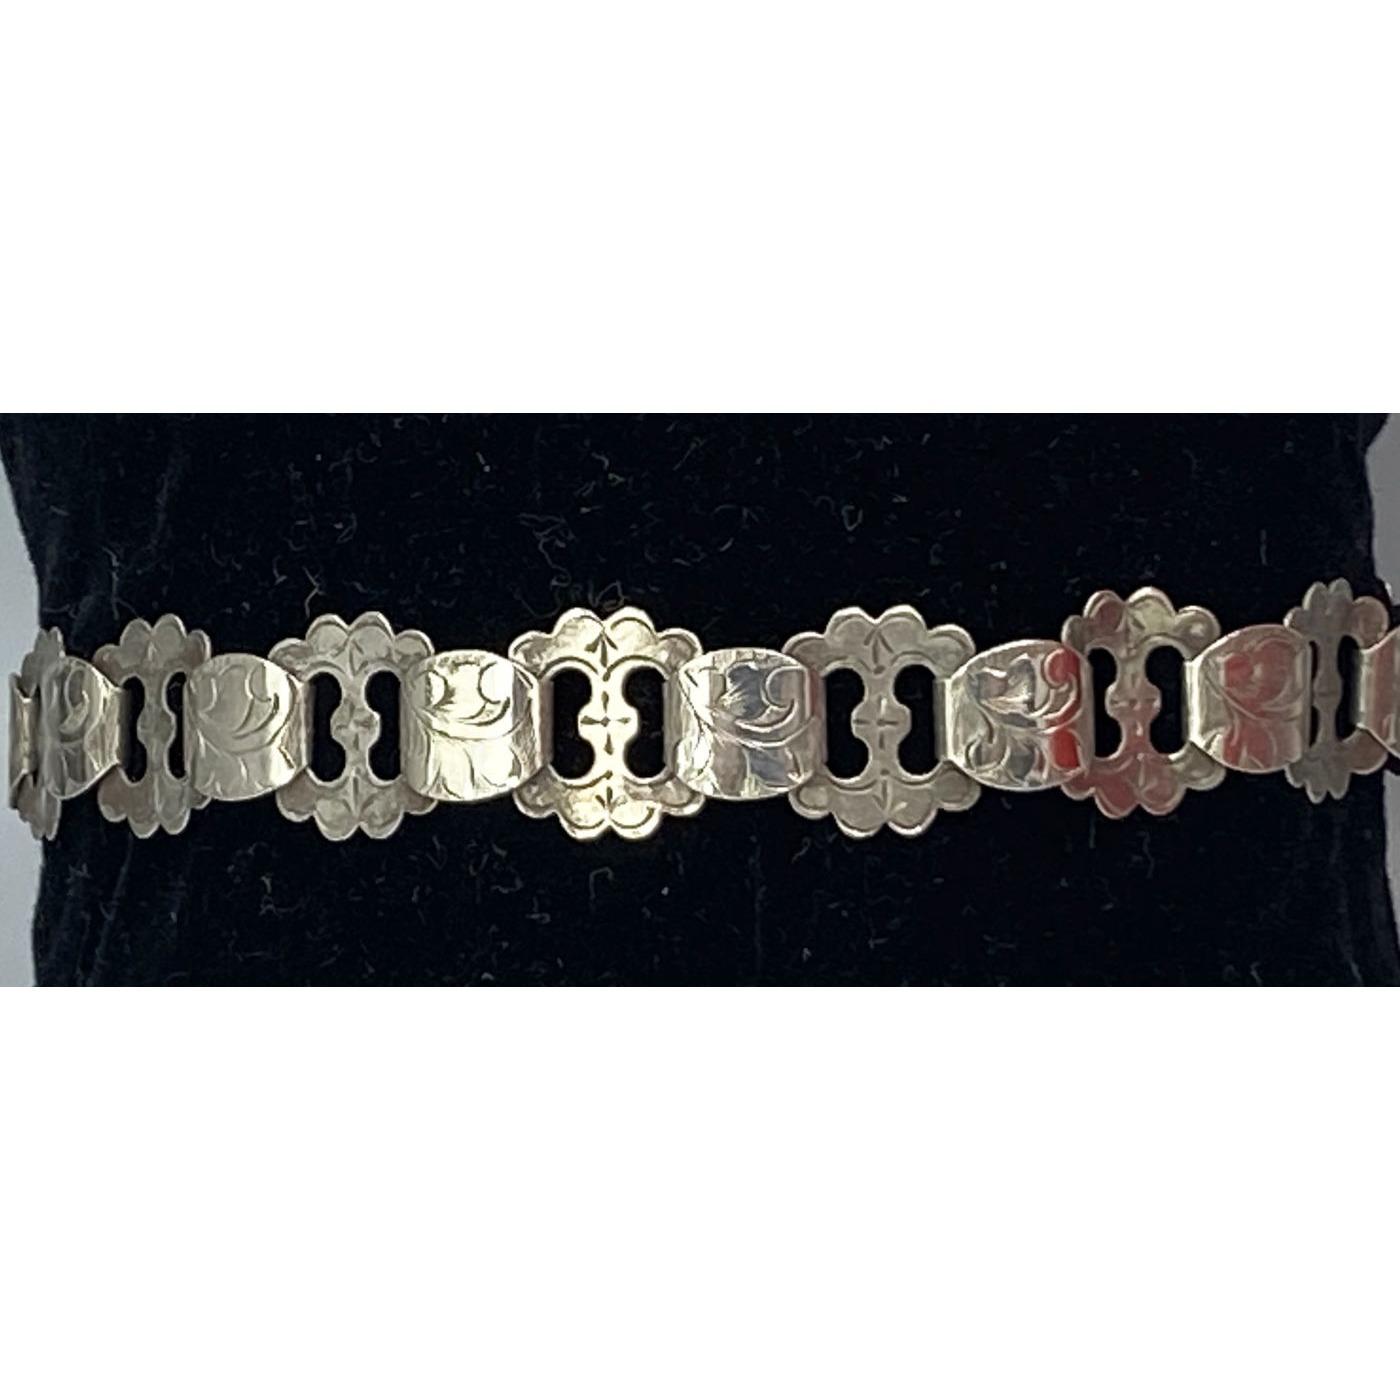 Ruffled Edge, Flat Link, Engraved Antique English Bracelet